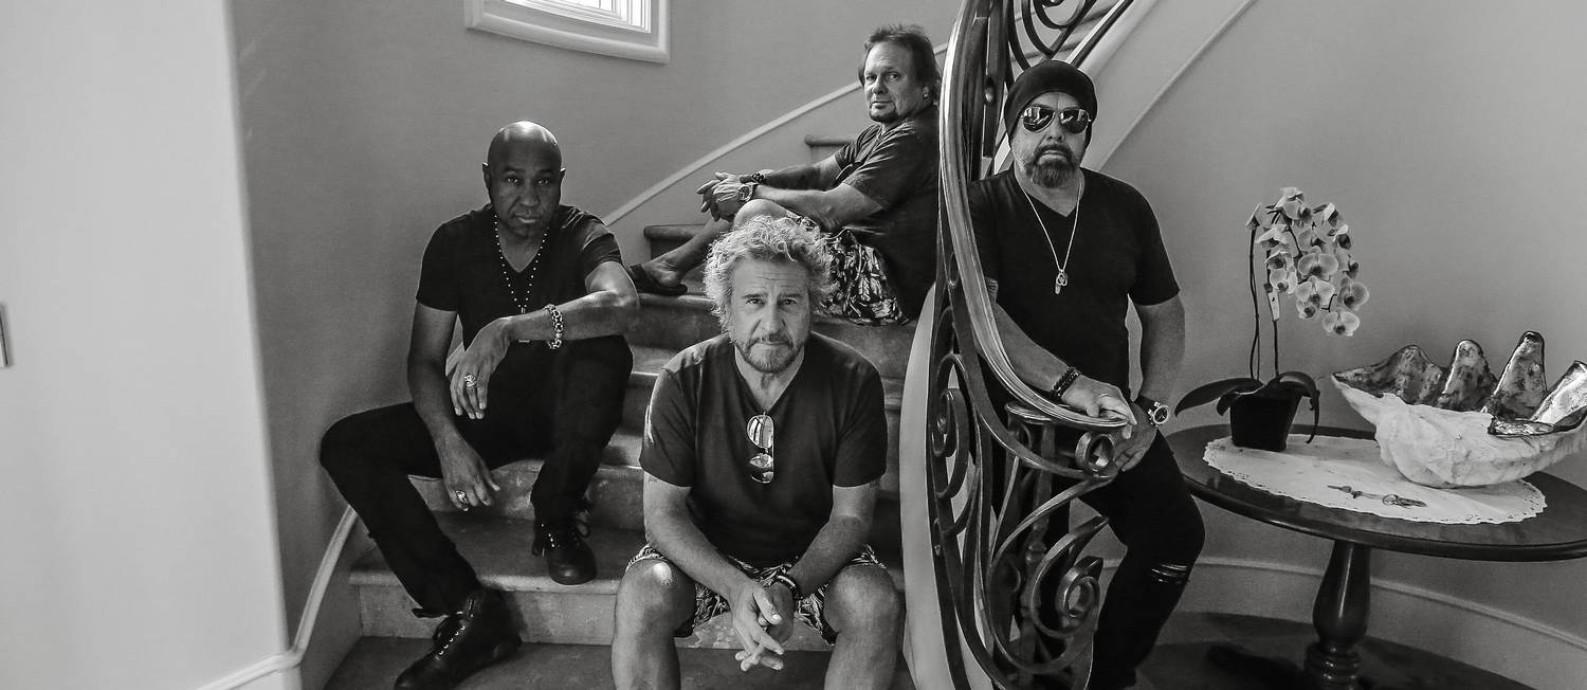 O cantor e guitarrista Sammy Hagar (ao centro) com a banda Circle Foto: Divulgação